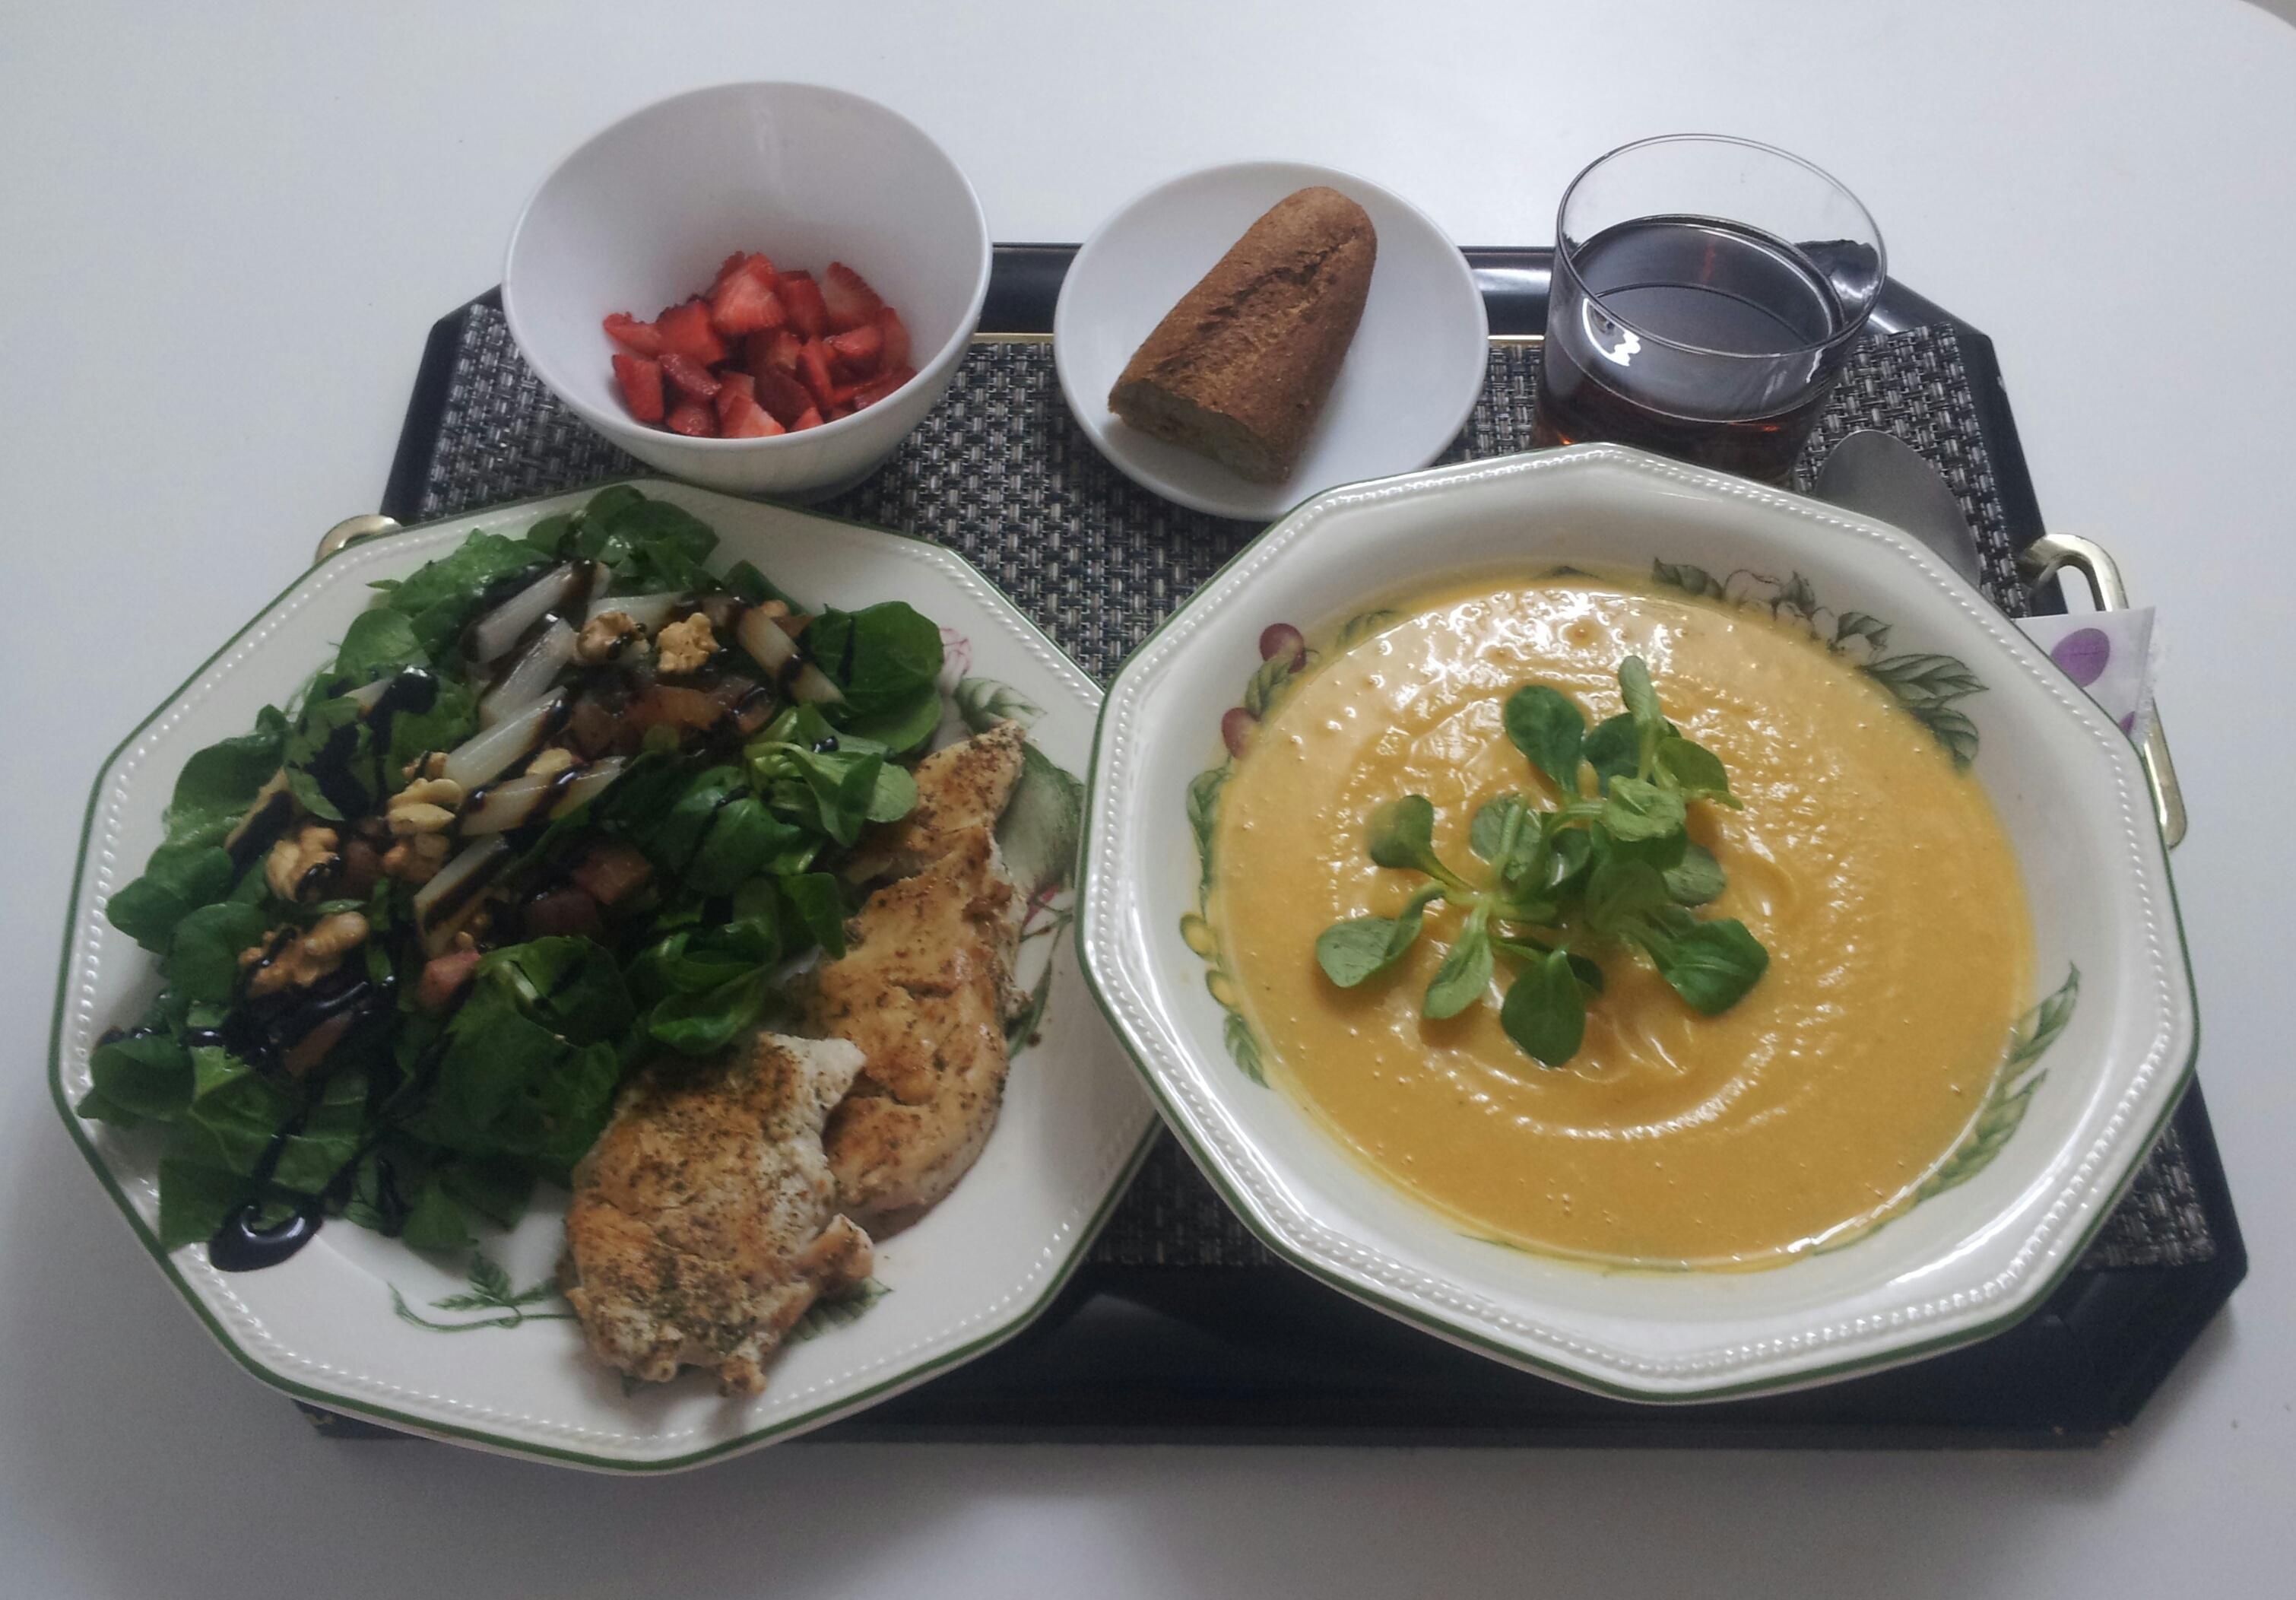 Recetas saludables, comida sana, comida sana y rica, comida saludable